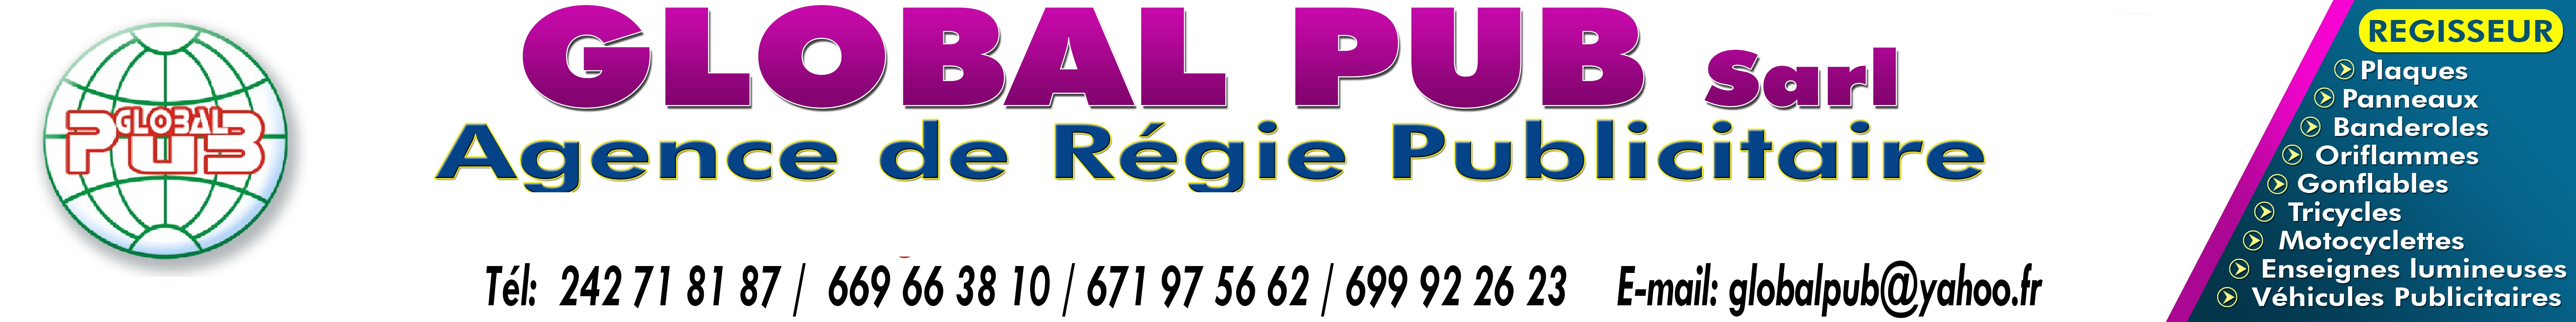 Global Pub